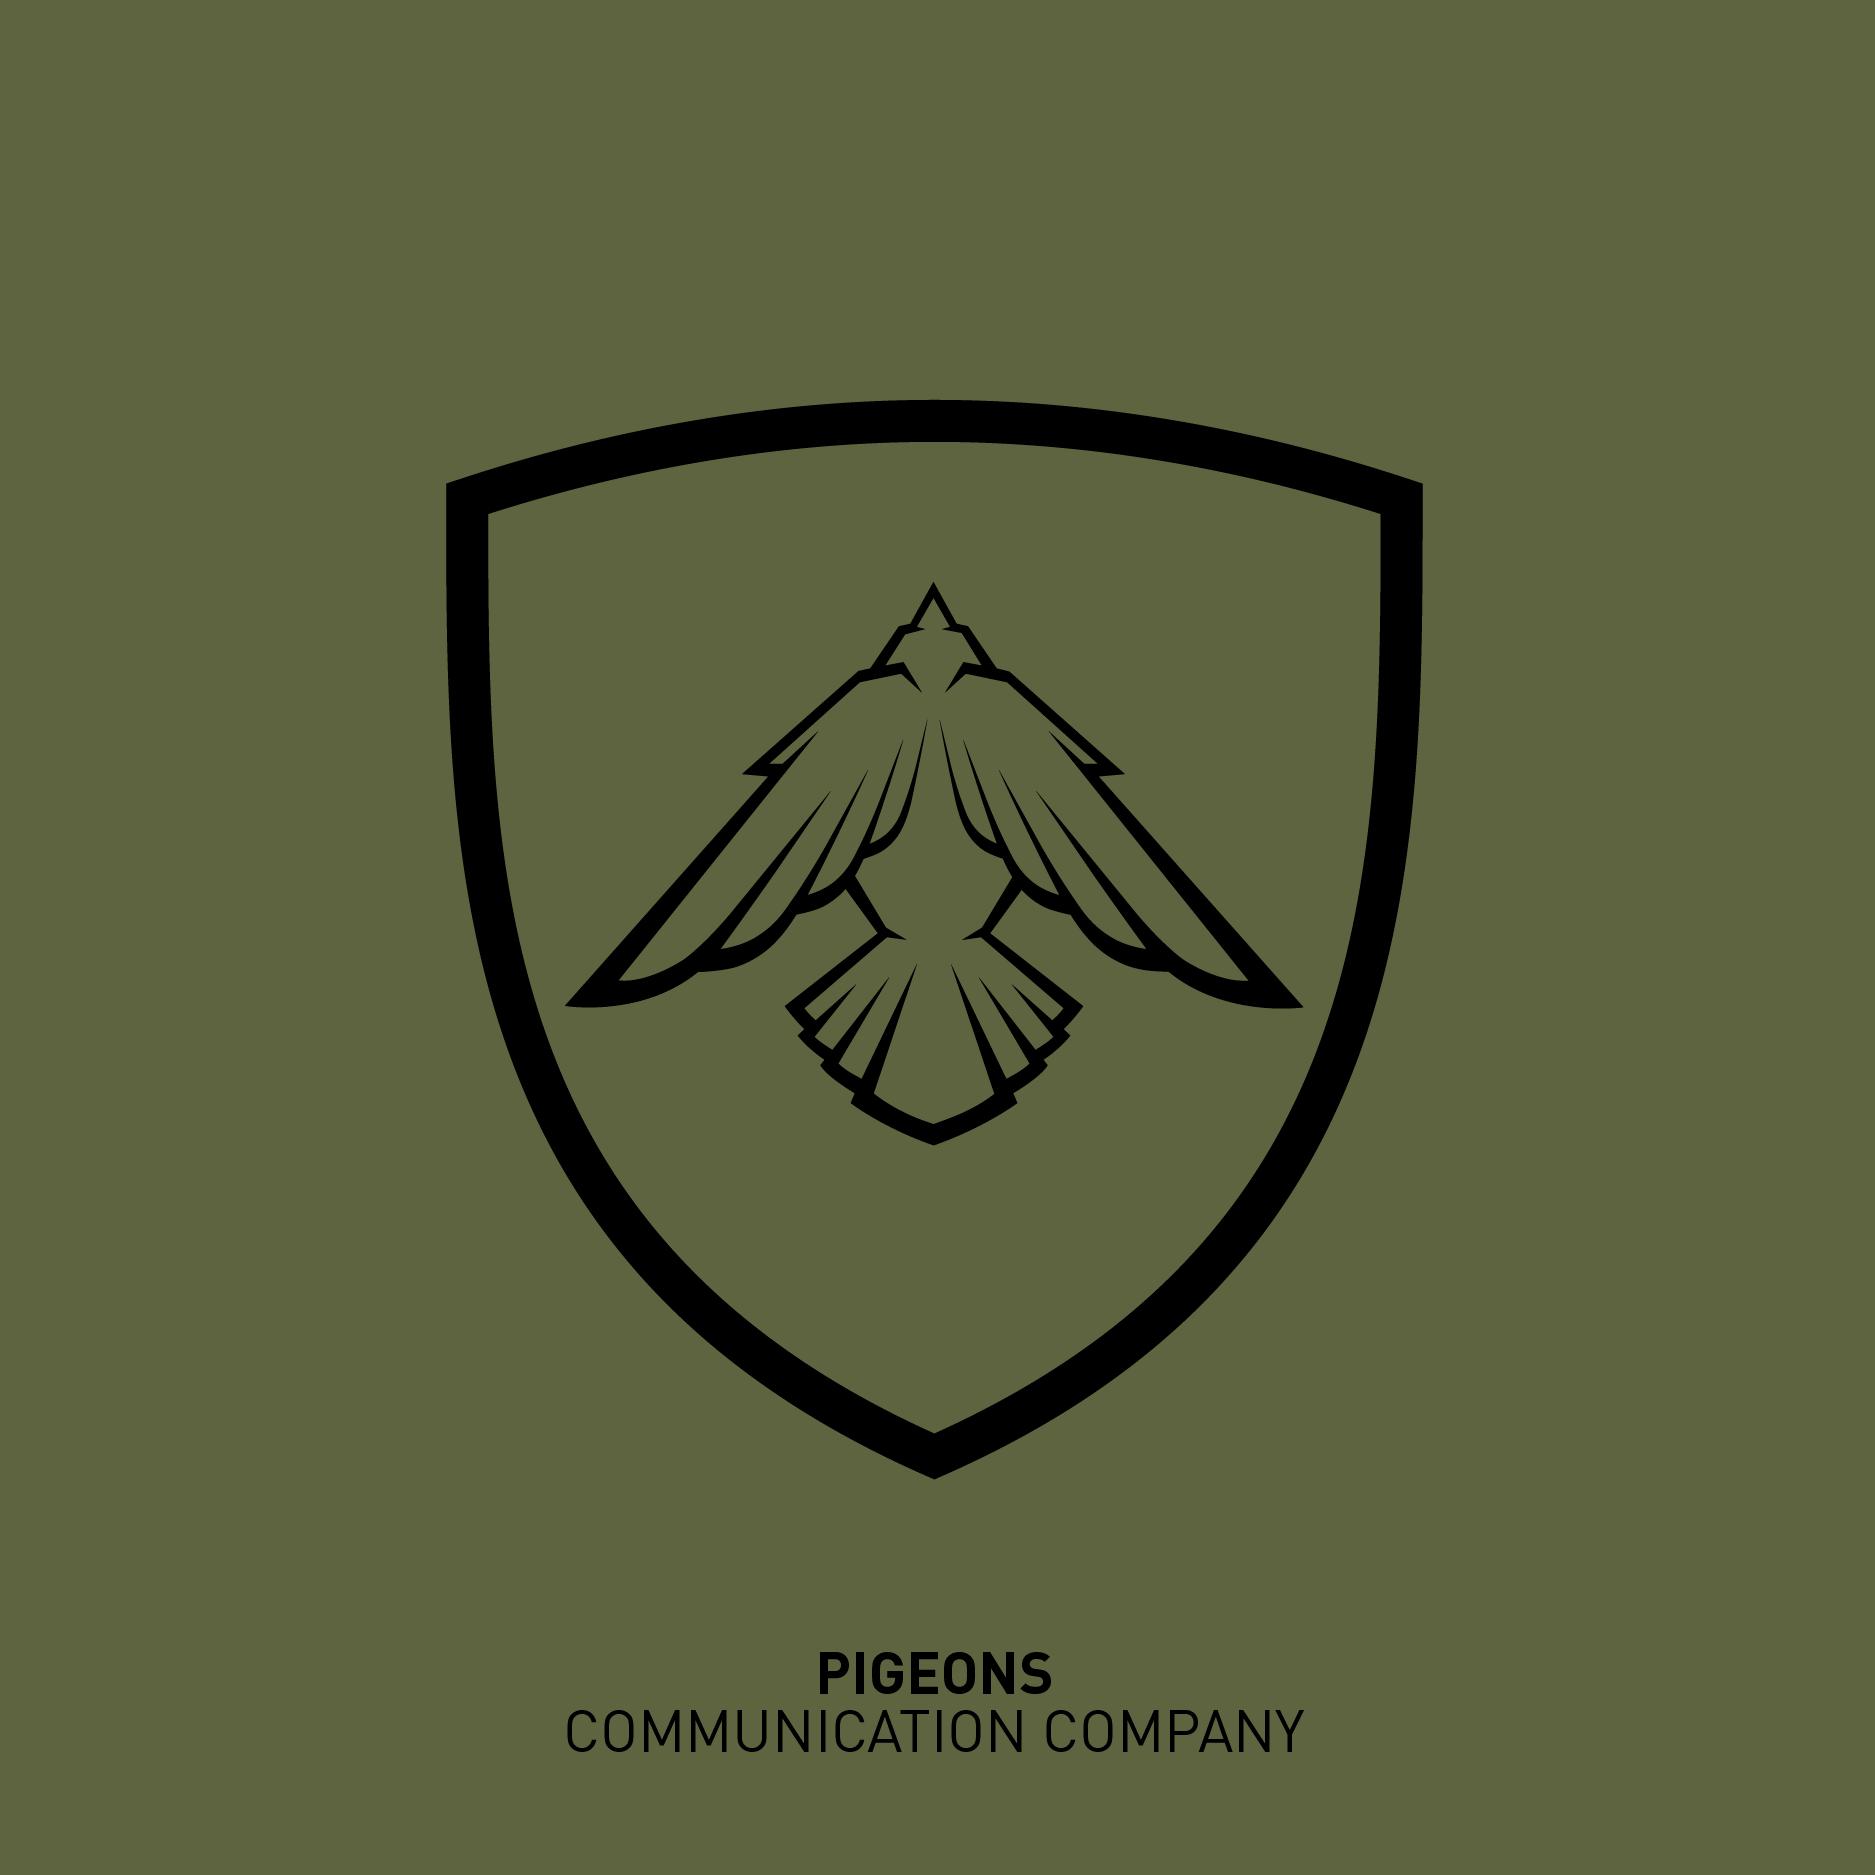 03pigeons-01